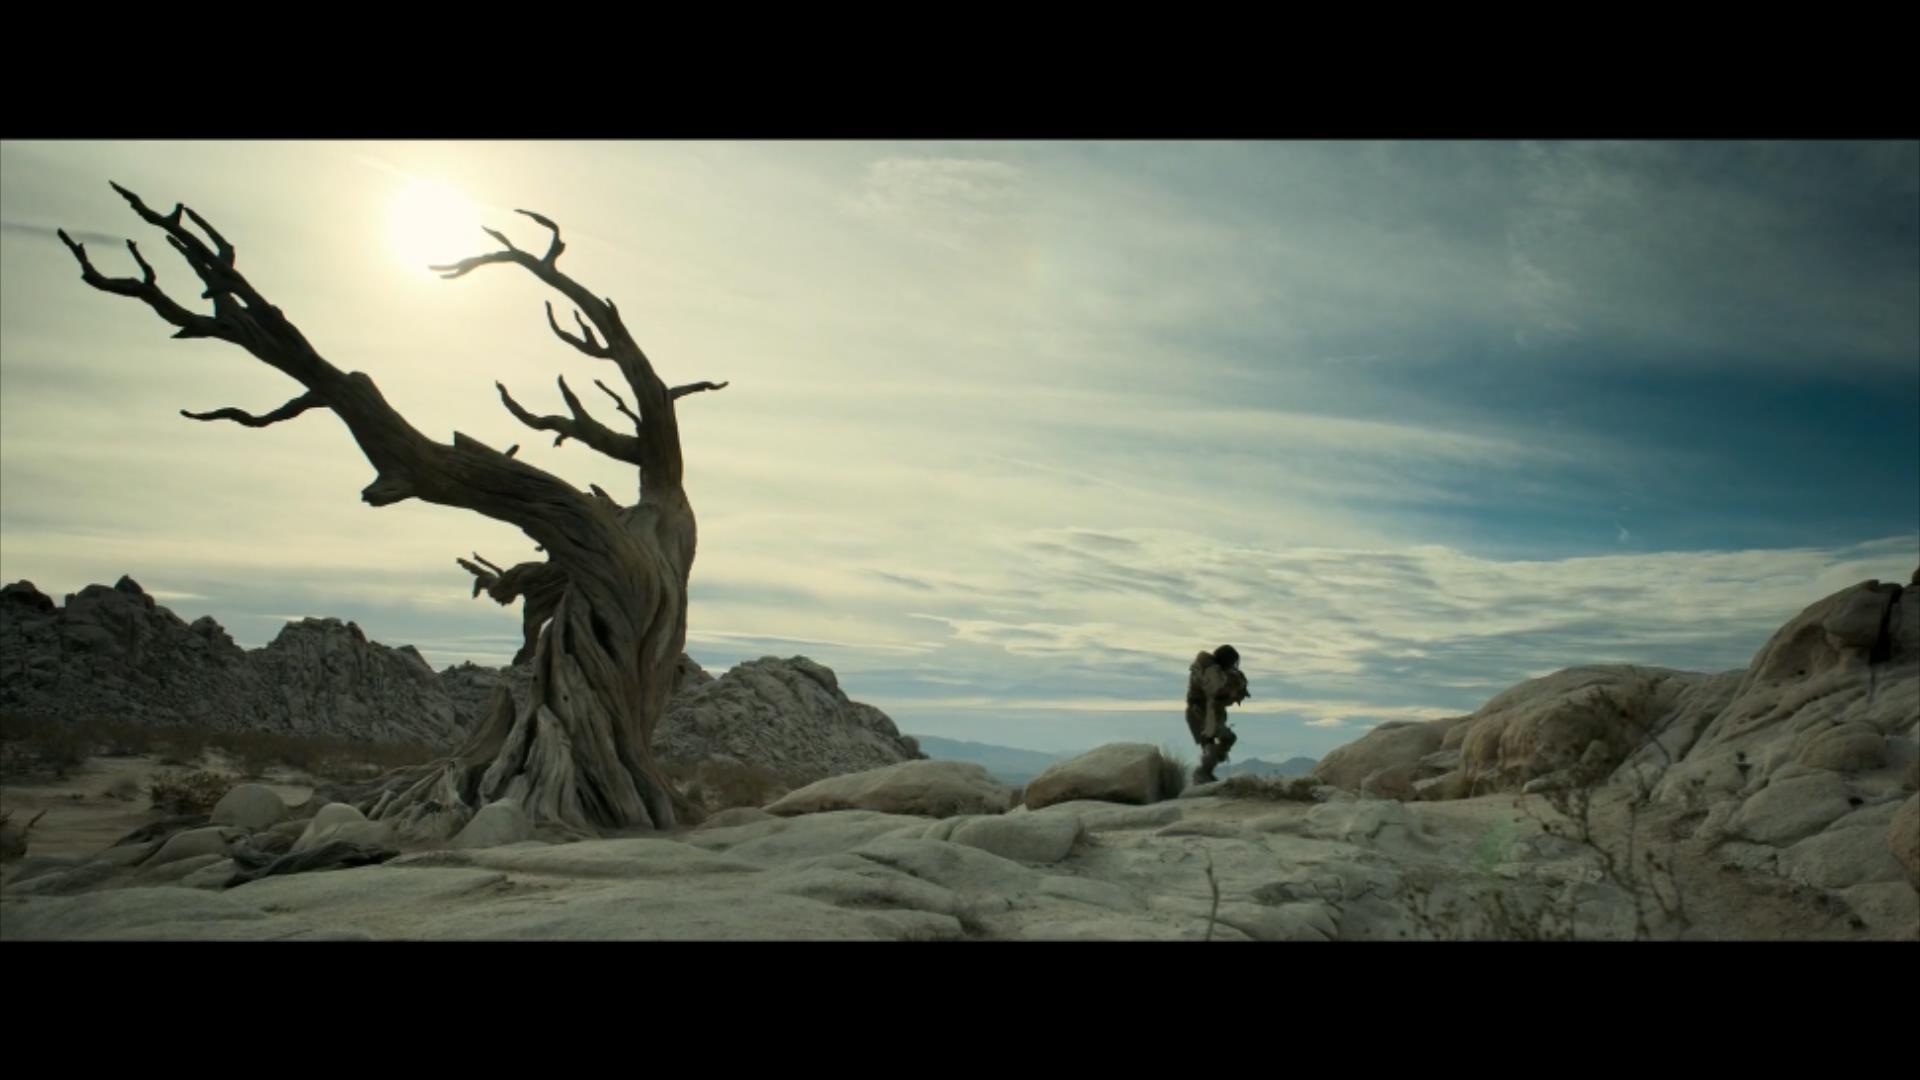 2018《阿尔法:狼伴归途》2700字,7分钟剧情解说稿-第5张图片